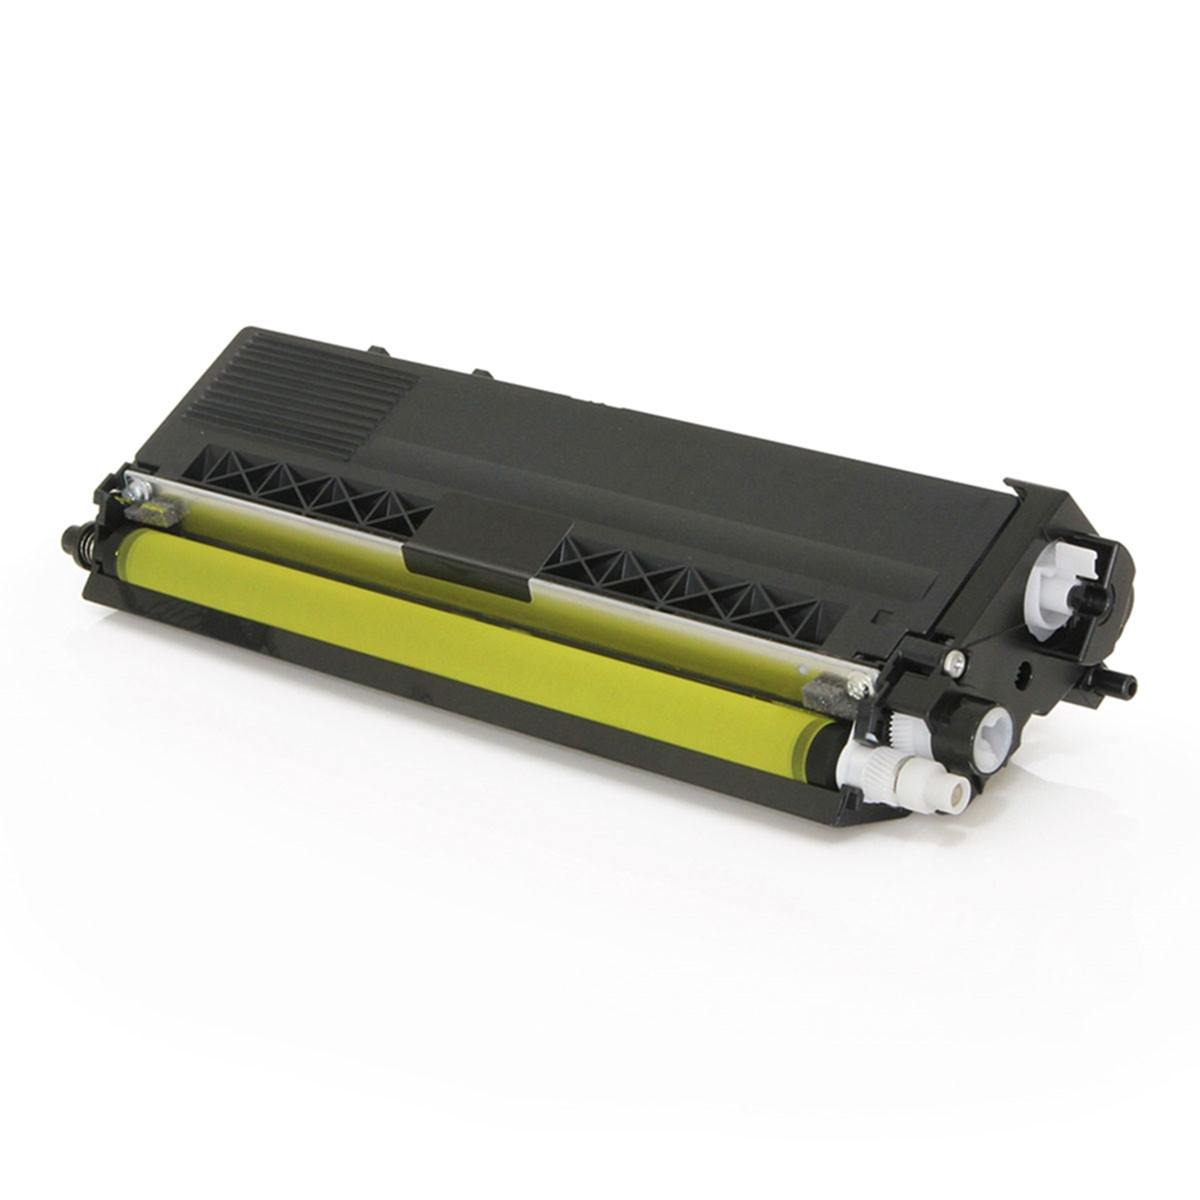 Toner Compatível Brother TN-316Y TN316 Amarelo DCP-L8400CDN MFC-L8600CDW HL-L8350CDW Bestchoice 3.5k